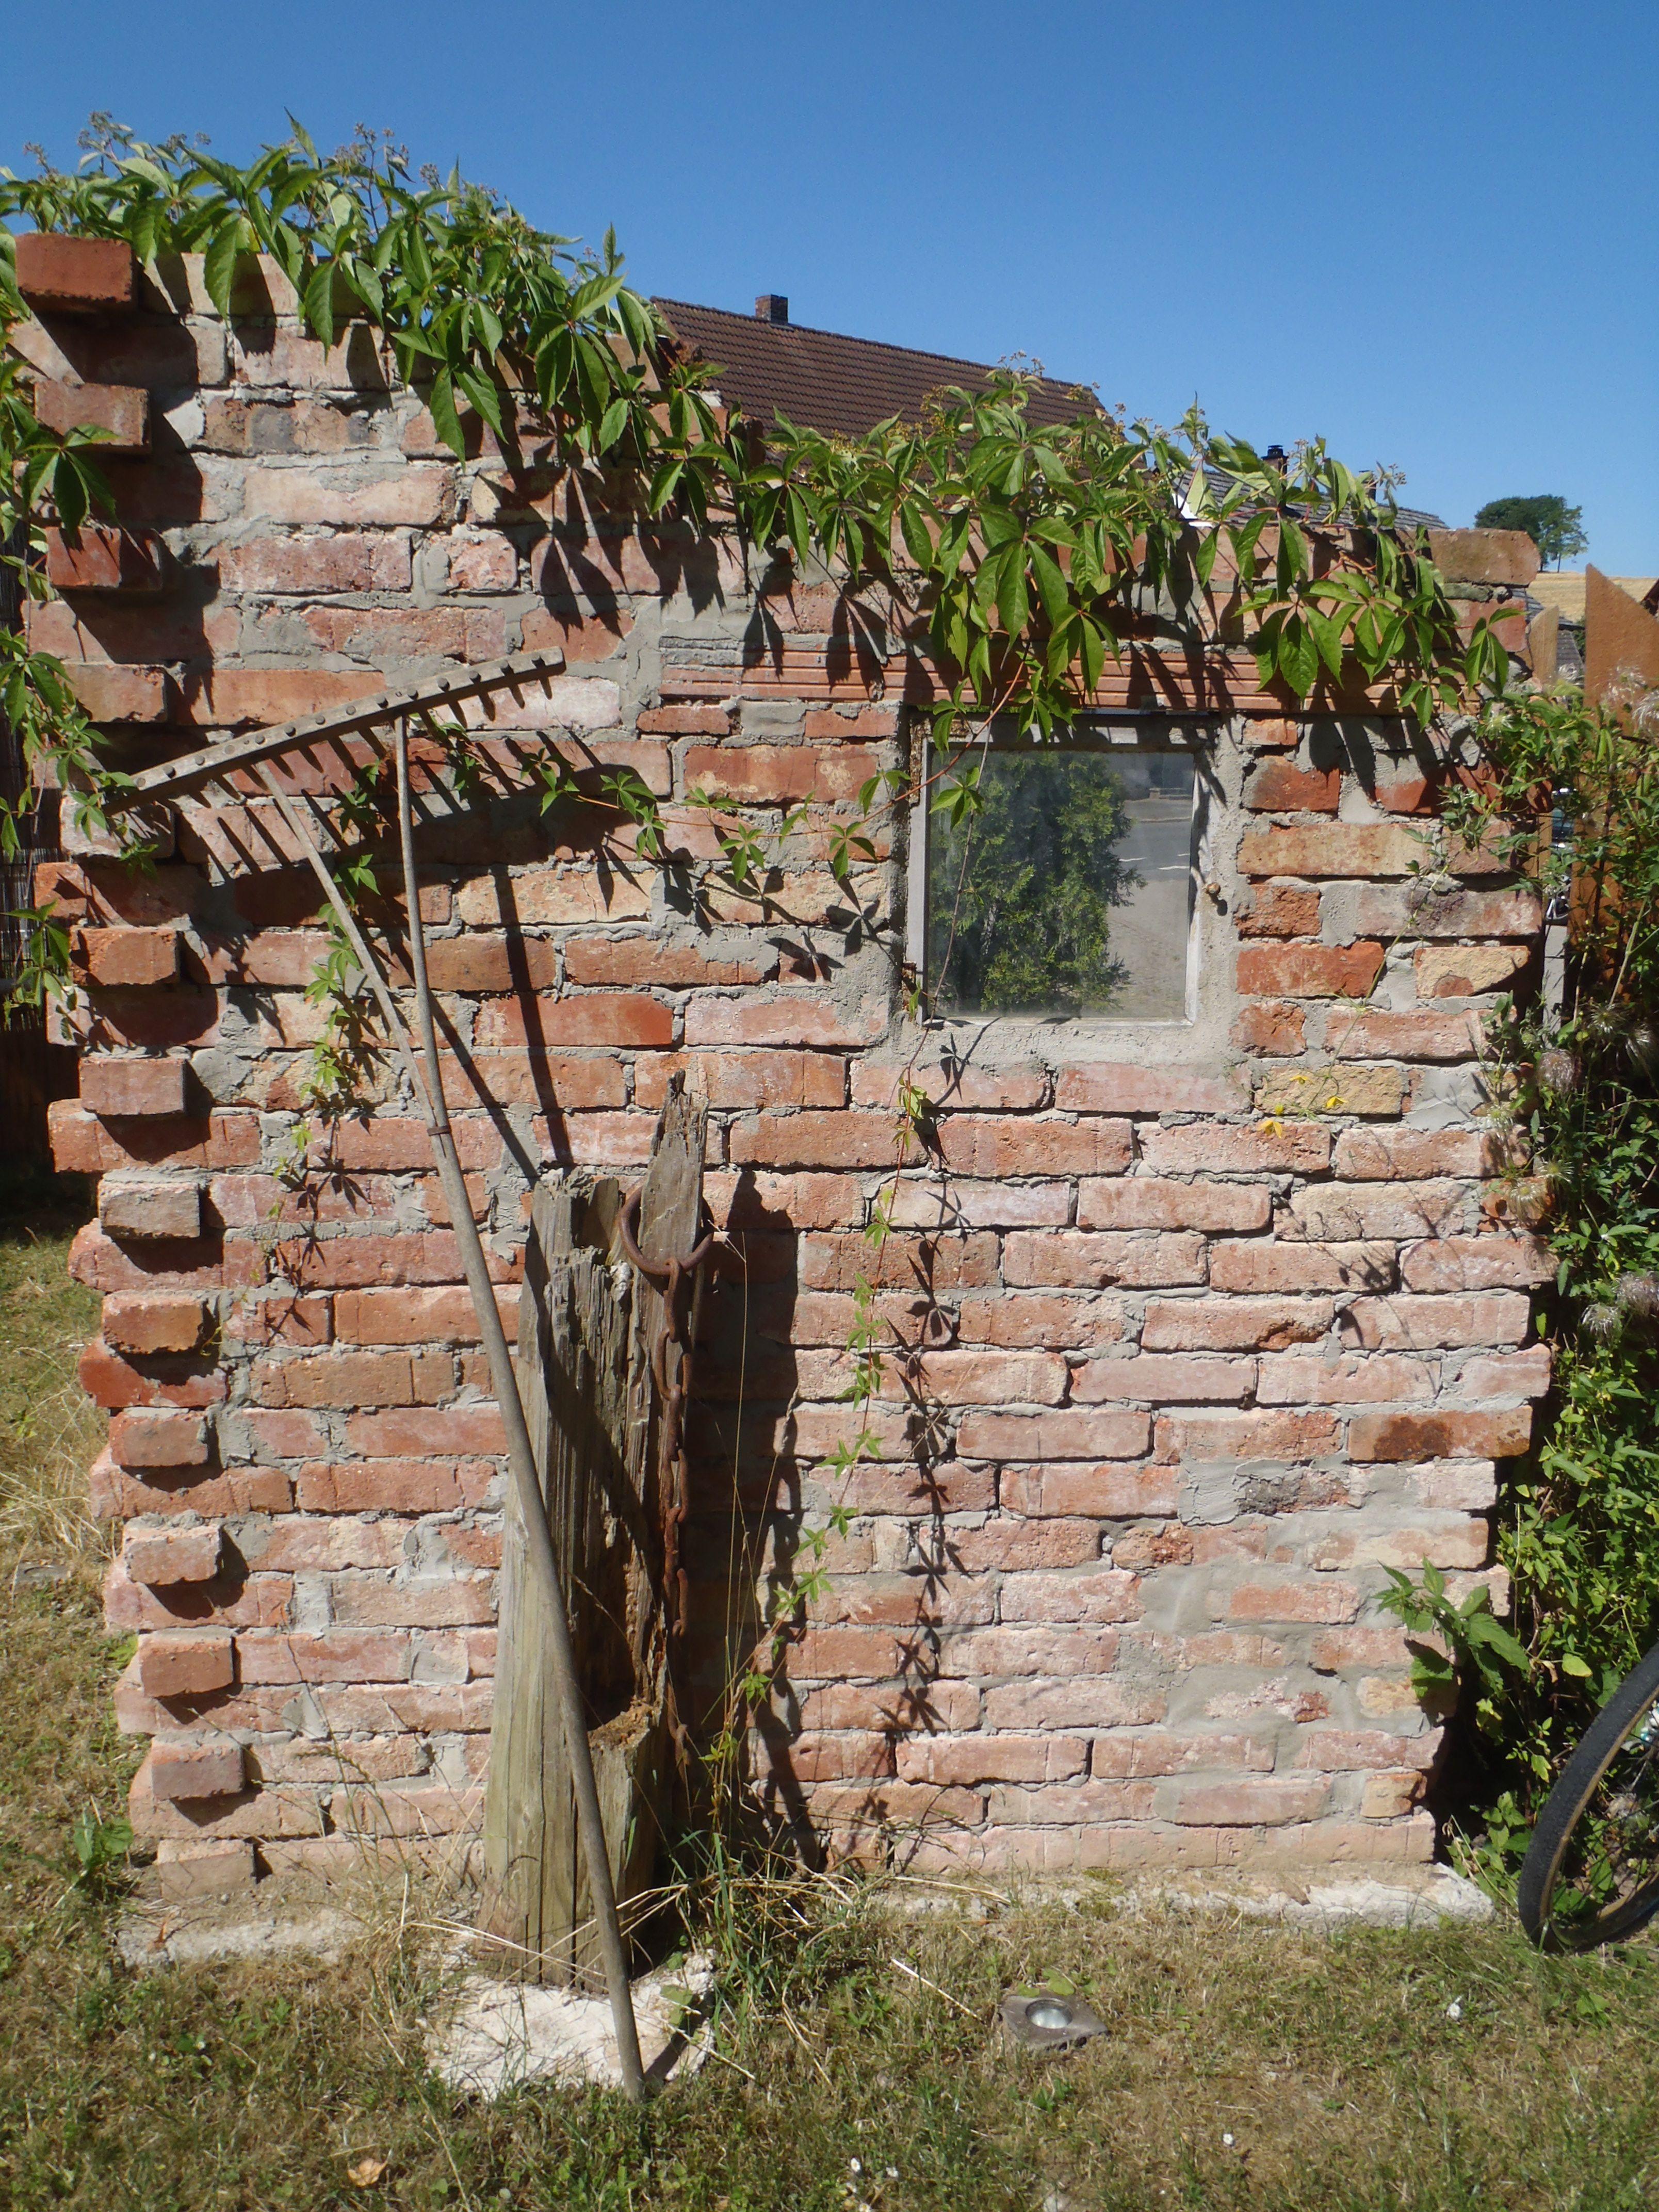 Mauer aus alten Backsteinen Mauern u Ruinen alte Fenster